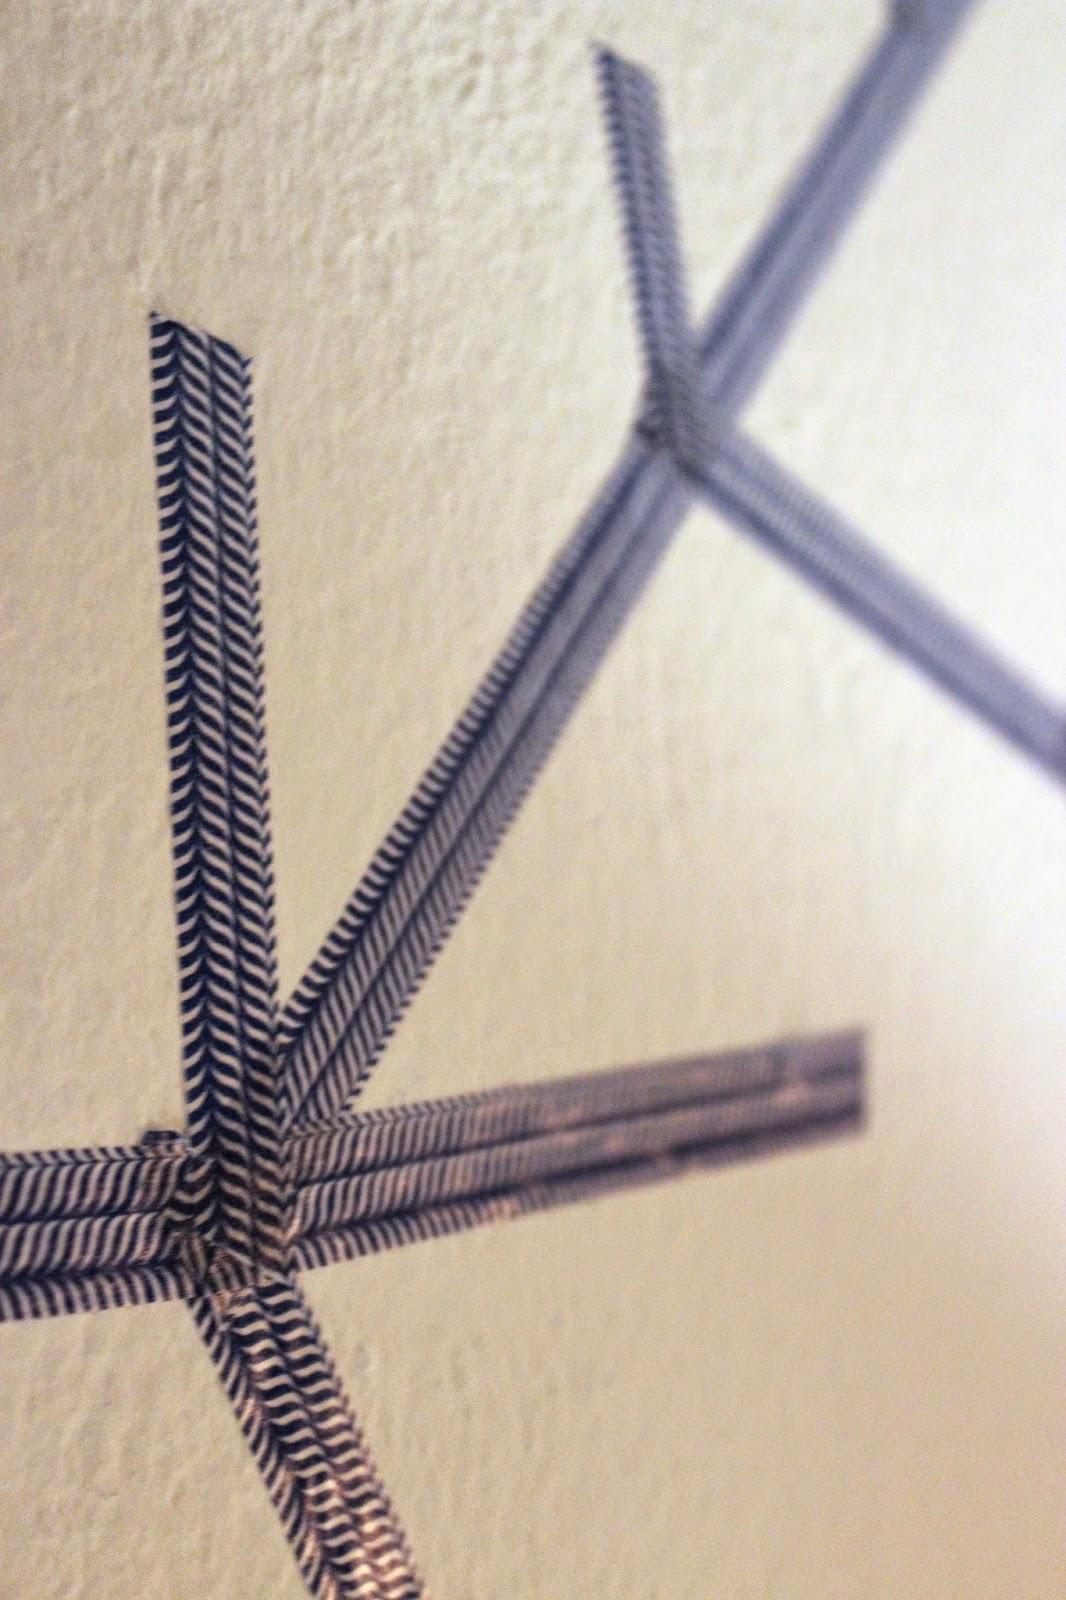 bauchgef hle blogmas 2014 day 9 masking tape deko hirsch. Black Bedroom Furniture Sets. Home Design Ideas